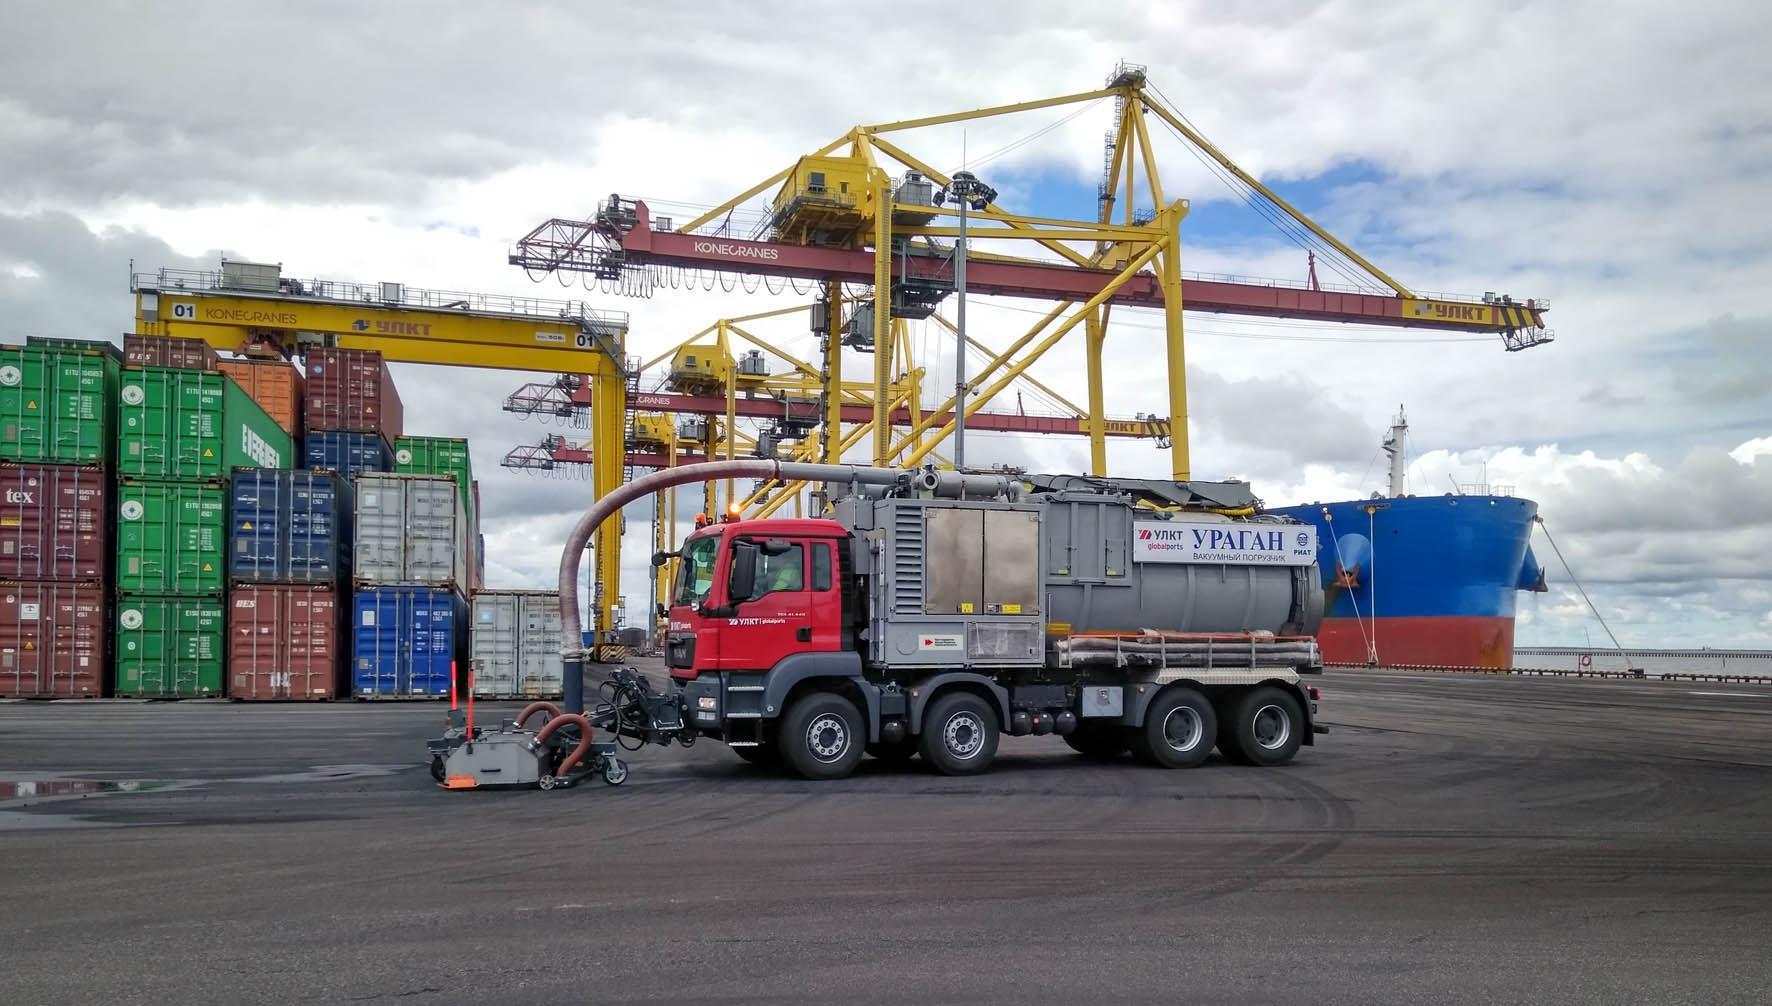 Вакуумный погрузчик «Ураган» на шасси MAN пополнил парк Усть-Лужского контейнерного терминала